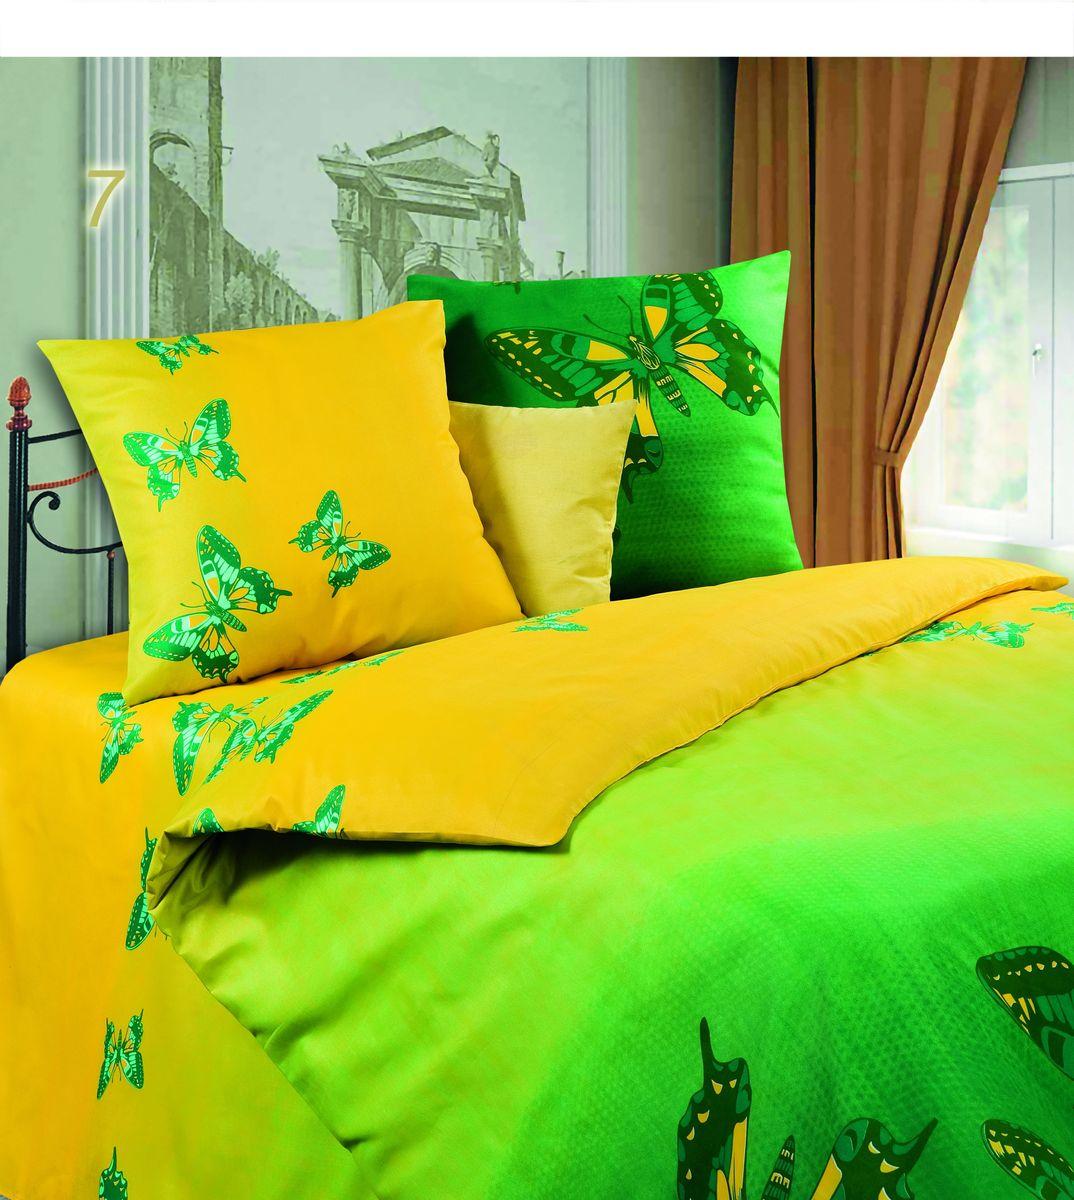 Комплект белья Диана Мгновение, семейный, наволочки 70х70, цвет: желтый, зеленый. PW-7-143-220-69391602Комплект постельного белья Диана Мгновение, изготовленный из микрофибры, поможет вам расслабиться и подарит спокойный сон. Ткань микрофибра - новая технология в производстве постельного белья. Тонкие волокна, используемые в ткани, производят путем переработки полиамида и полиэстера. Такая нить не впитывает влагу, как хлопок, а пропускает ее через себя, и влага быстро испаряется. Ткань не деформируется и хорошо держит форму, не скатывается, быстро высыхает и устойчива к световому воздействию. Изделия не мнутся и хорошо сохраняют первоначальную форму. Постельное белье оформлено изображением бабочек, имеет изысканный внешний вид и обладает яркостью и сочностью цвета. Комплект состоит из двух пододеяльников, простыни и двух наволочек. Благодаря такому комплекту постельного белья вы сможете создать атмосферу уюта и комфорта в вашей спальне.